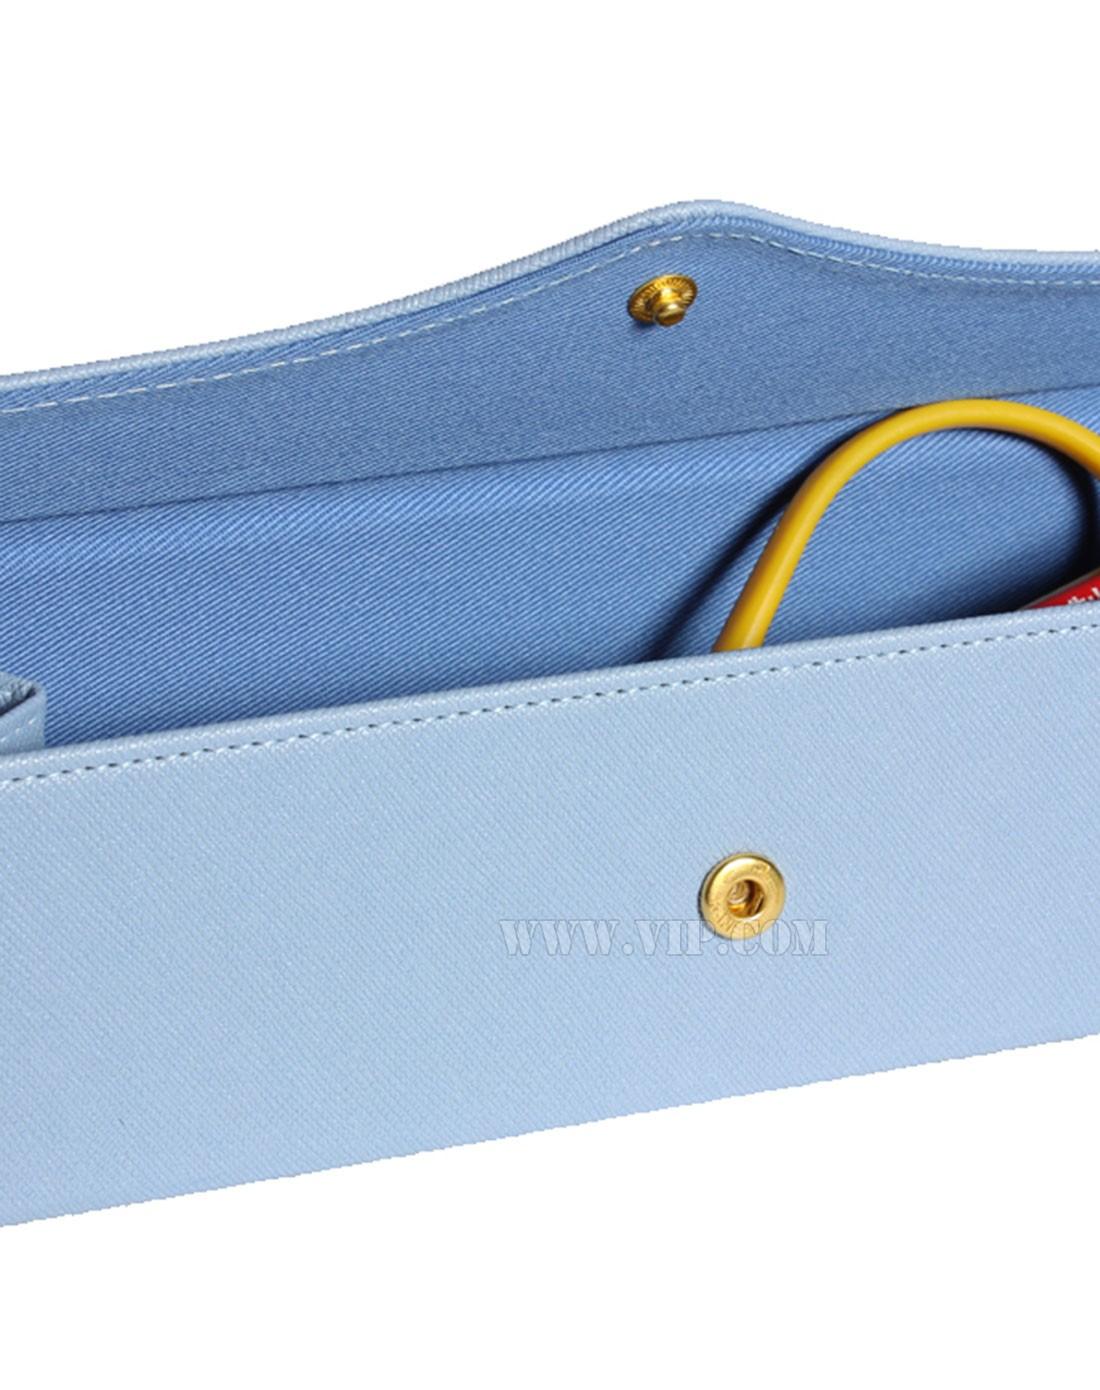 > 蓝色立体三角形质朴笔袋